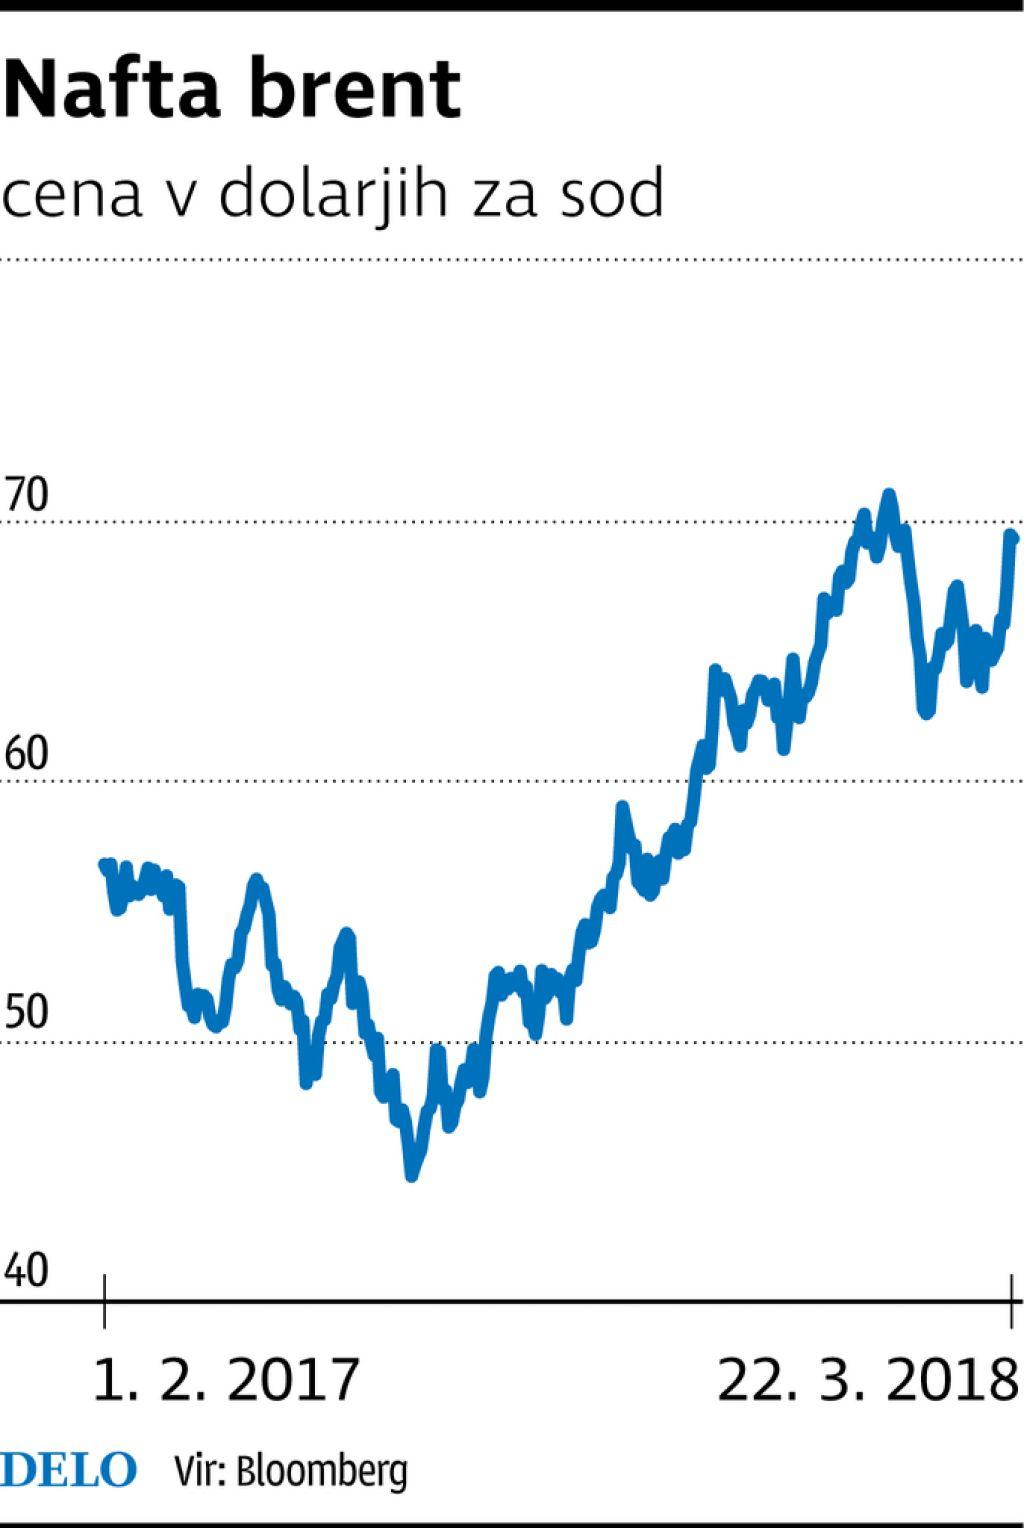 Sod nafte spet raste proti 70 dolarjem